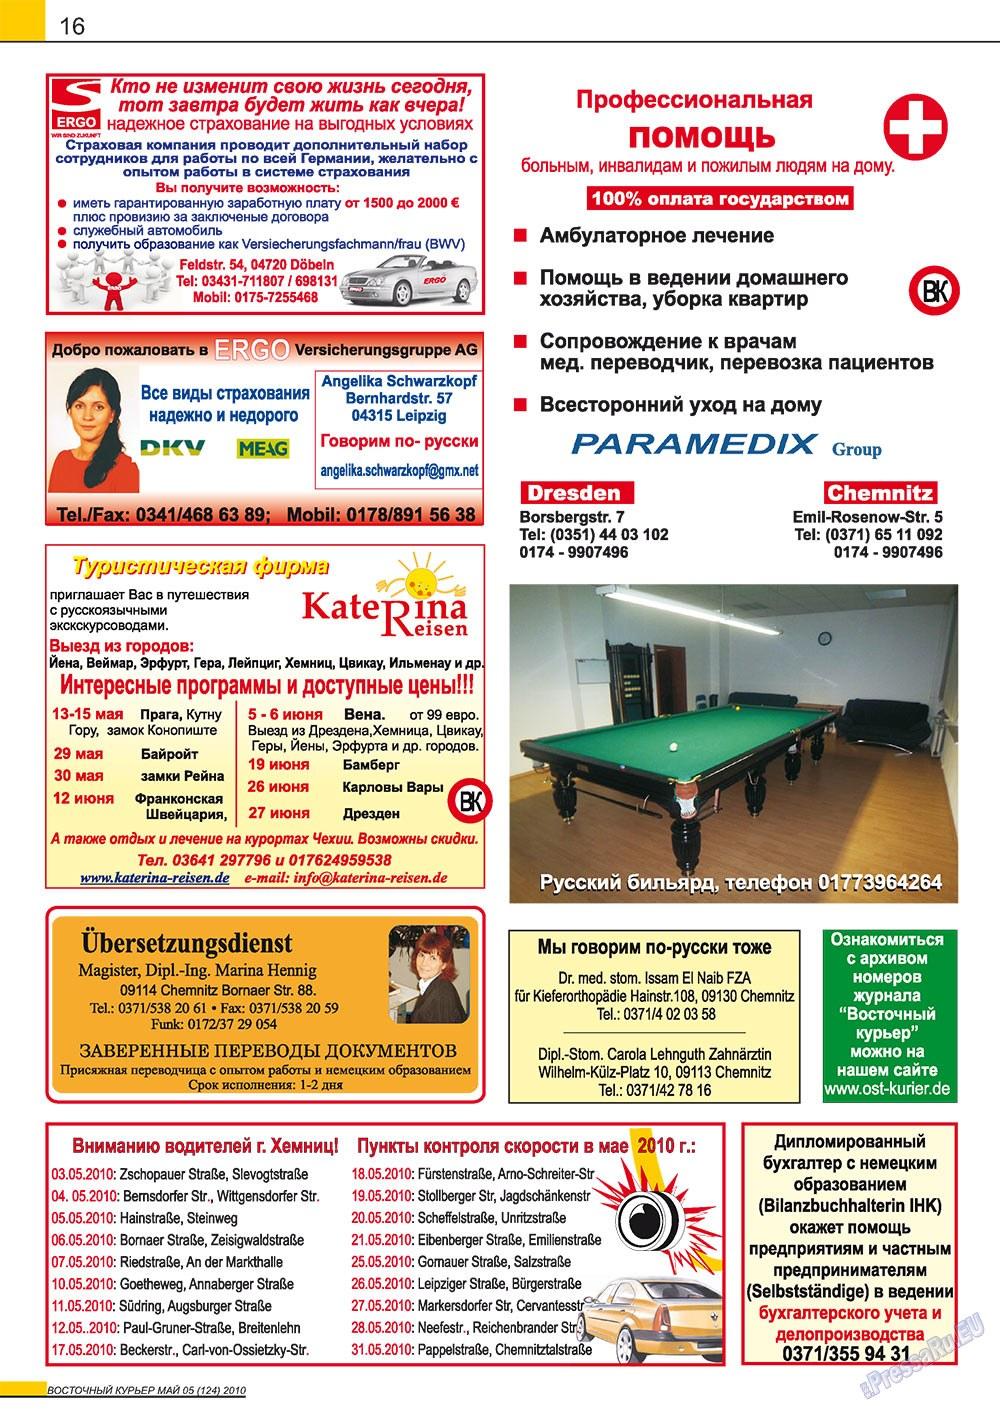 Восточный курьер (журнал). 2010 год, номер 5, стр. 16